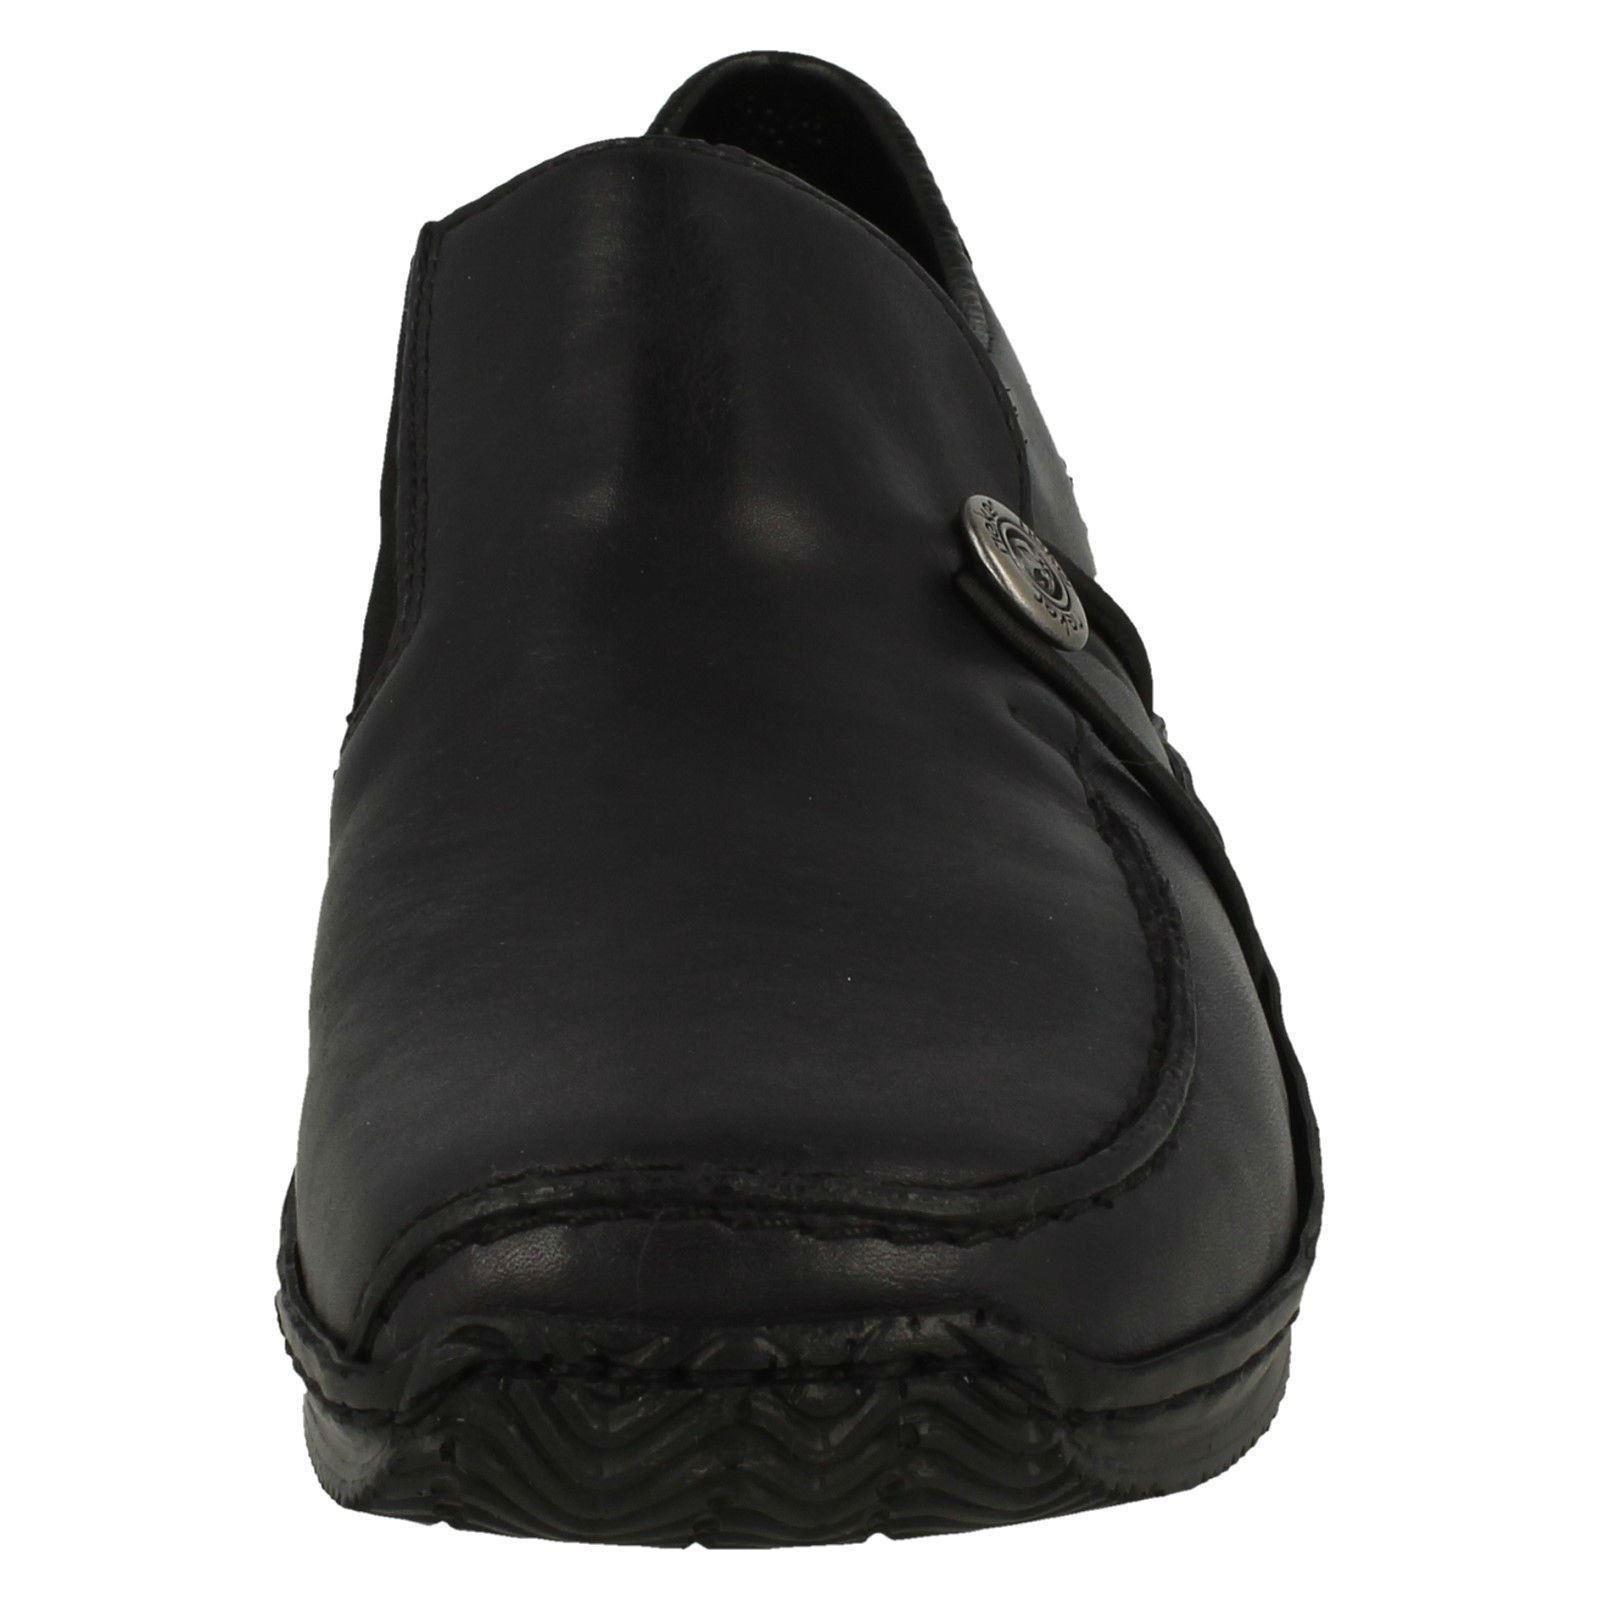 Da Donna Rieker Scarpe Dettaglio Basse Casual con Dettaglio Scarpe Bottone * L1781 * f10fe6